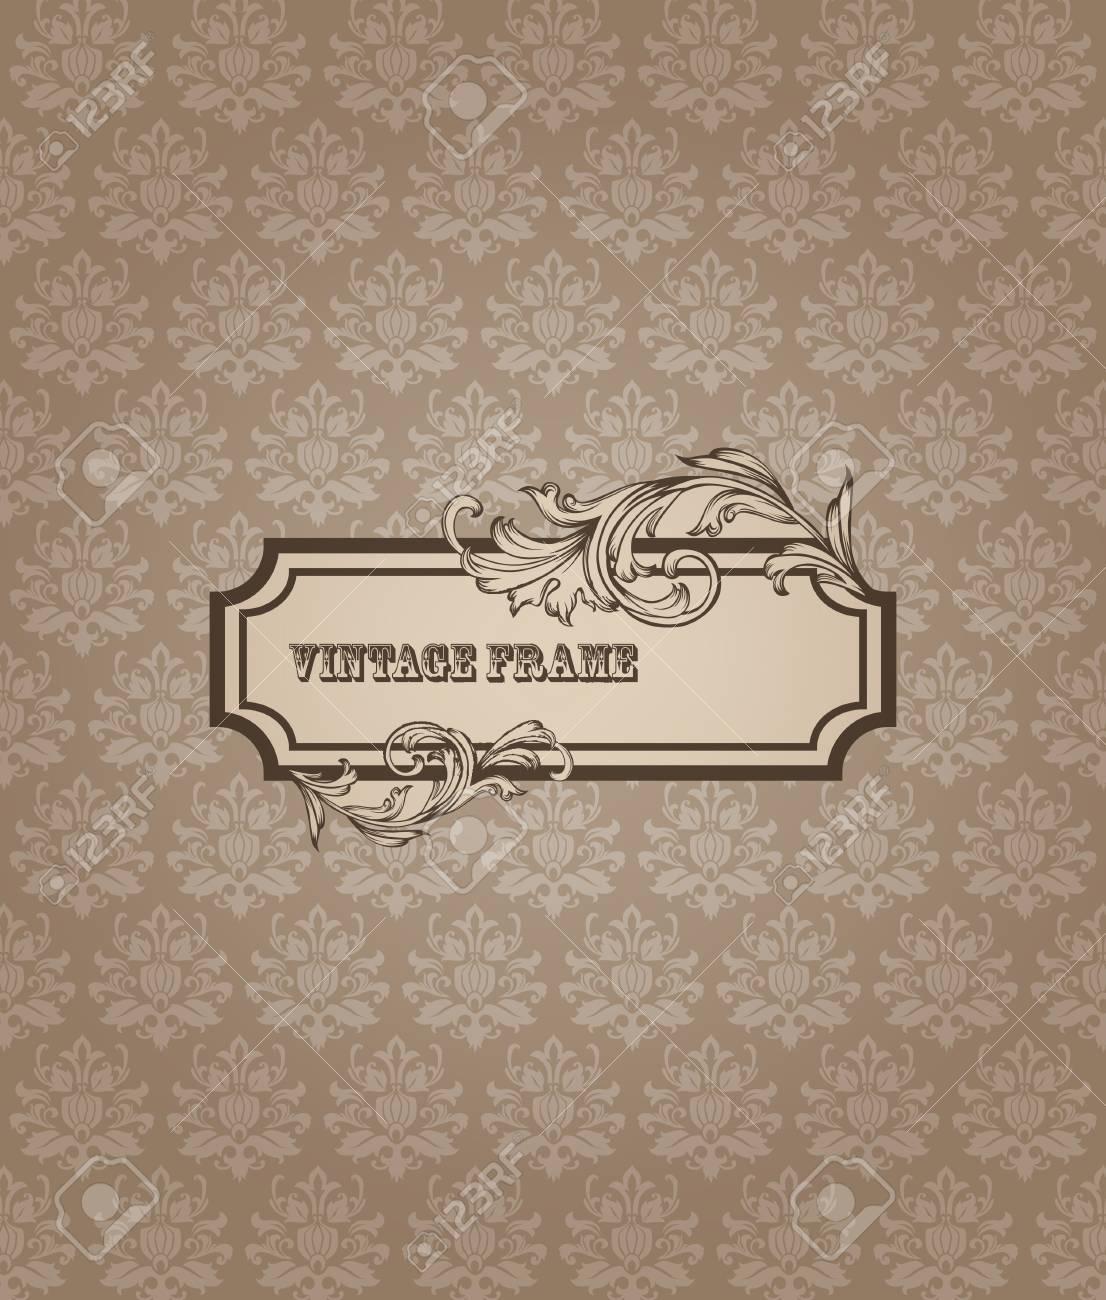 Schone Retro Karte Fur Einladung Grusse Gluckwunsche Hochzeit